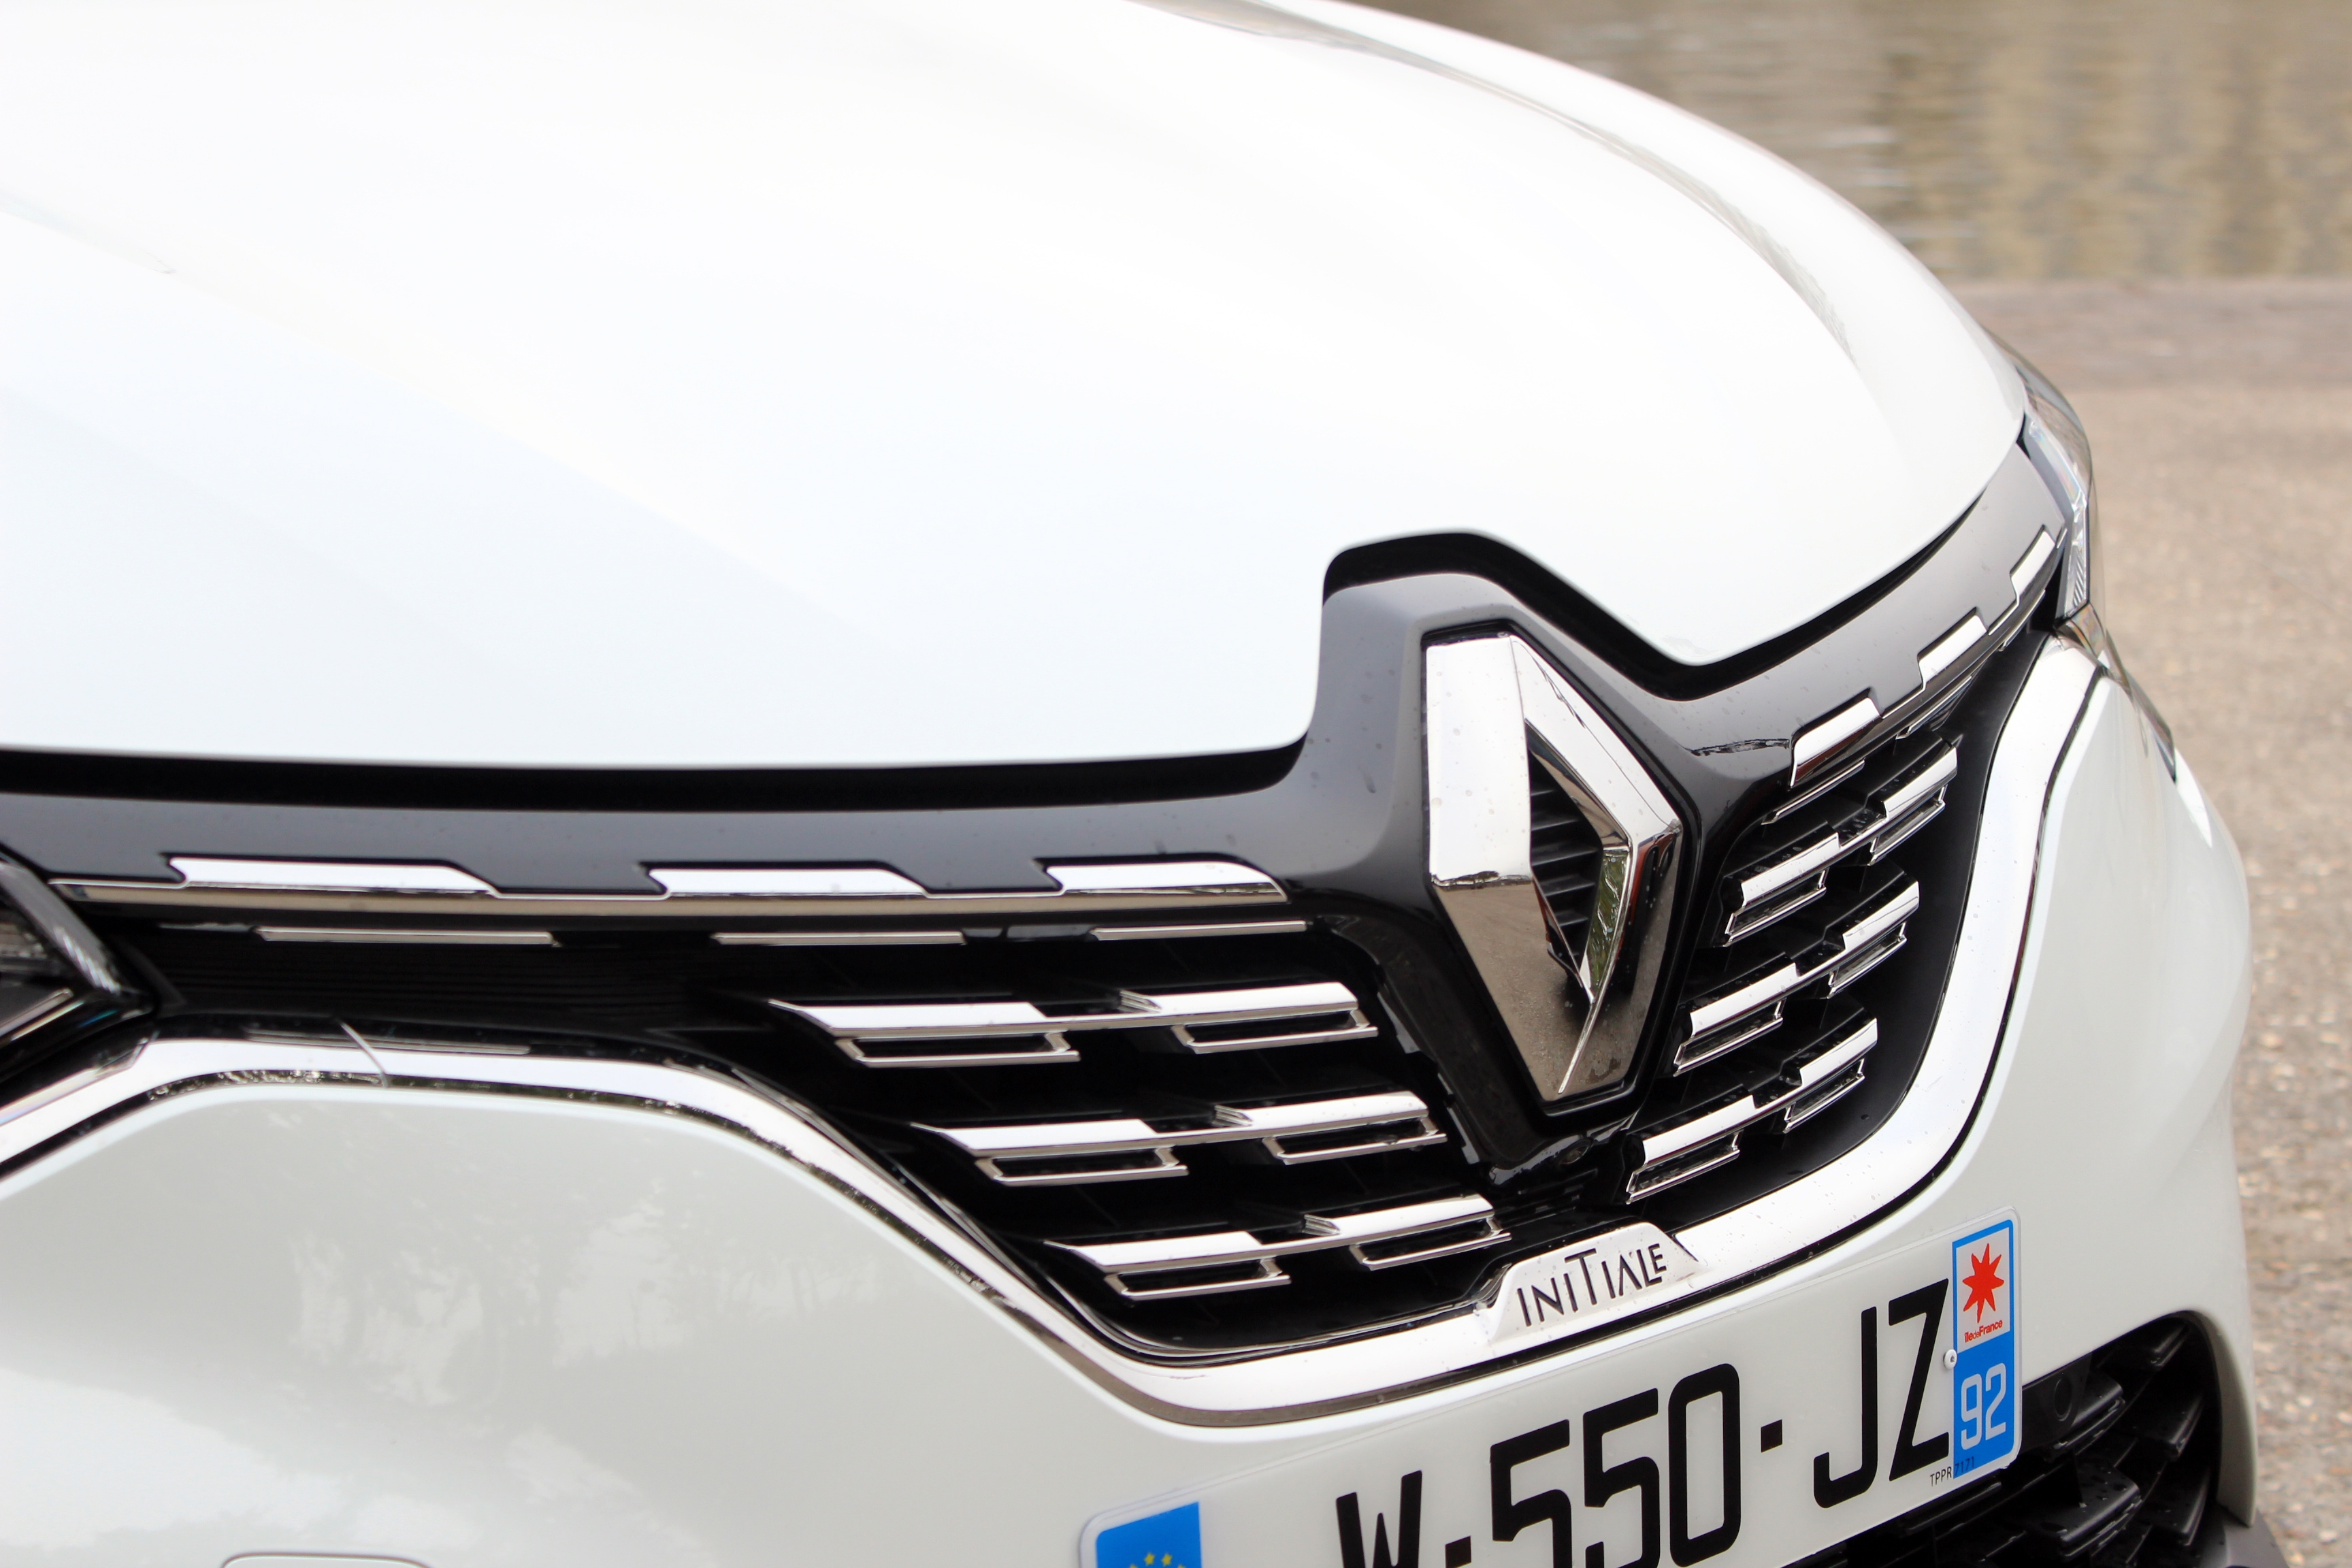 2019 - [Renault]  Captur II [HJB]  - Page 11 S0-essai-renault-captur-tce-155-ch-initiale-paris-que-vaut-le-captur-le-plus-puissant-et-le-plus-cher-610156